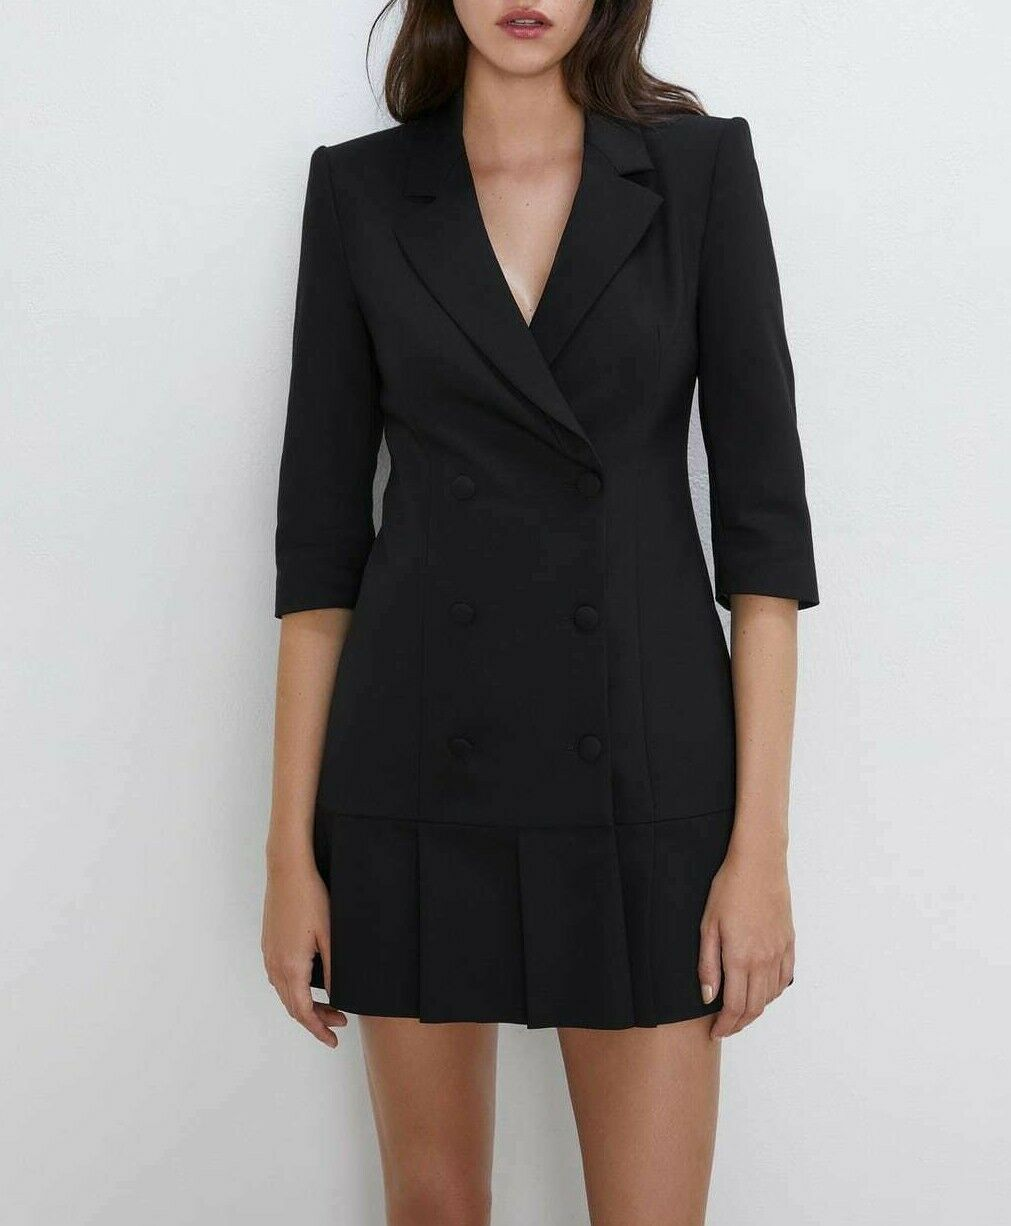 Zara Woman New Aw19 Black Pleated Blazer Style Mini Dress Ref 2352 230 94 9 Zara Blazer Dress Blazer Fashion Womens Dresses Dresses [ 1226 x 1011 Pixel ]